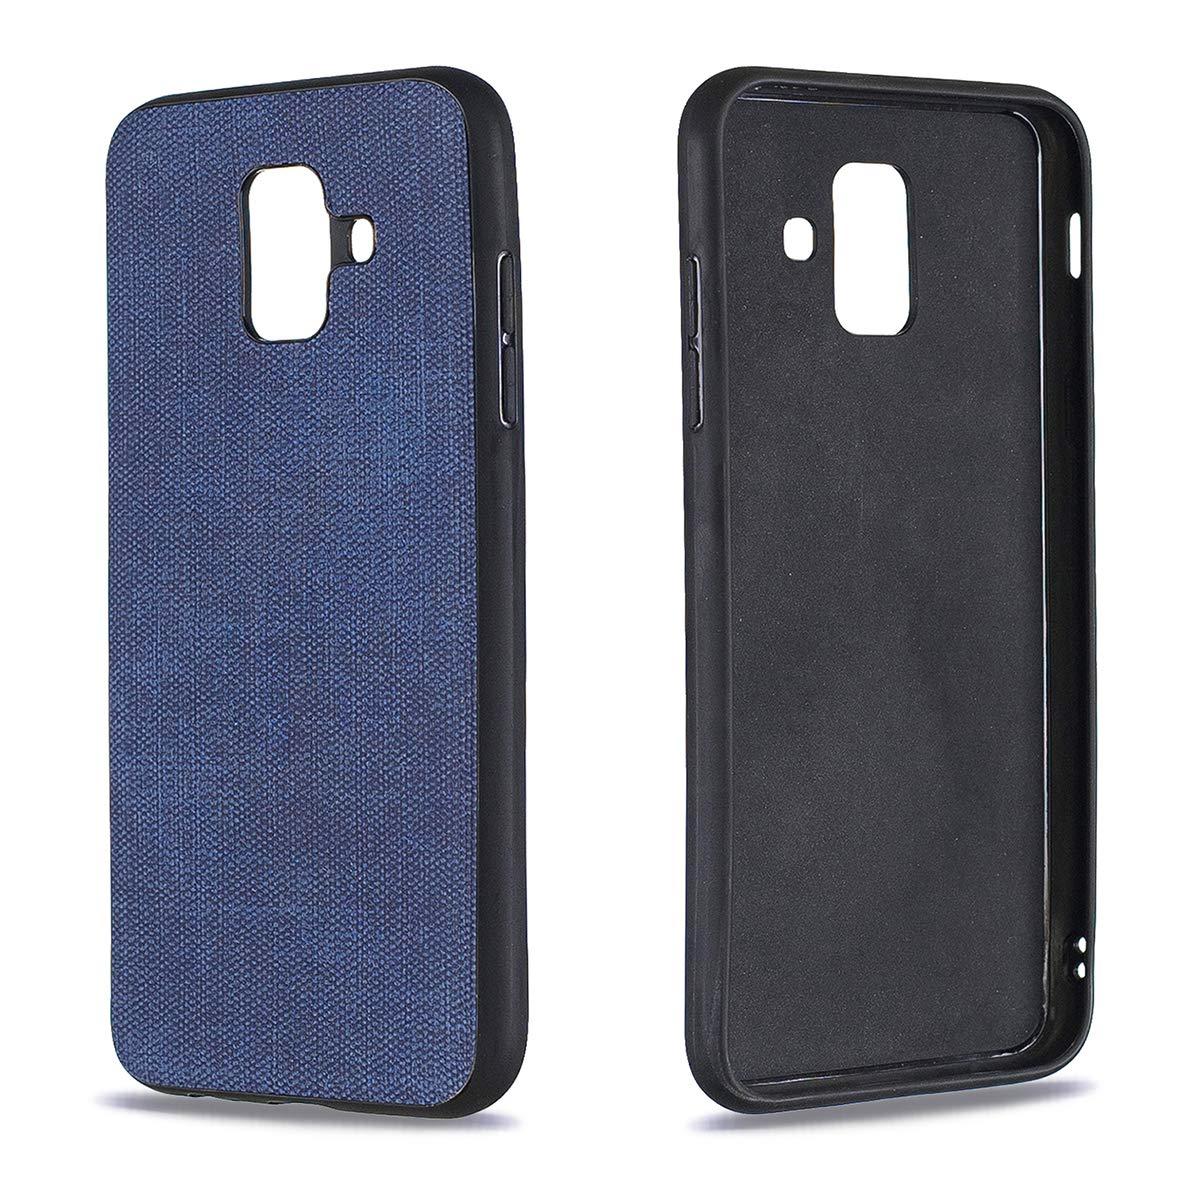 SHUYIT Funda Samsung Galaxy A6 2018 Ultrafina Cover Case con Textura de Tela Suave TPU Silicona Caso Estuche Soft Silicona Protectora Carcasa para Samsung Galaxy A6 2018